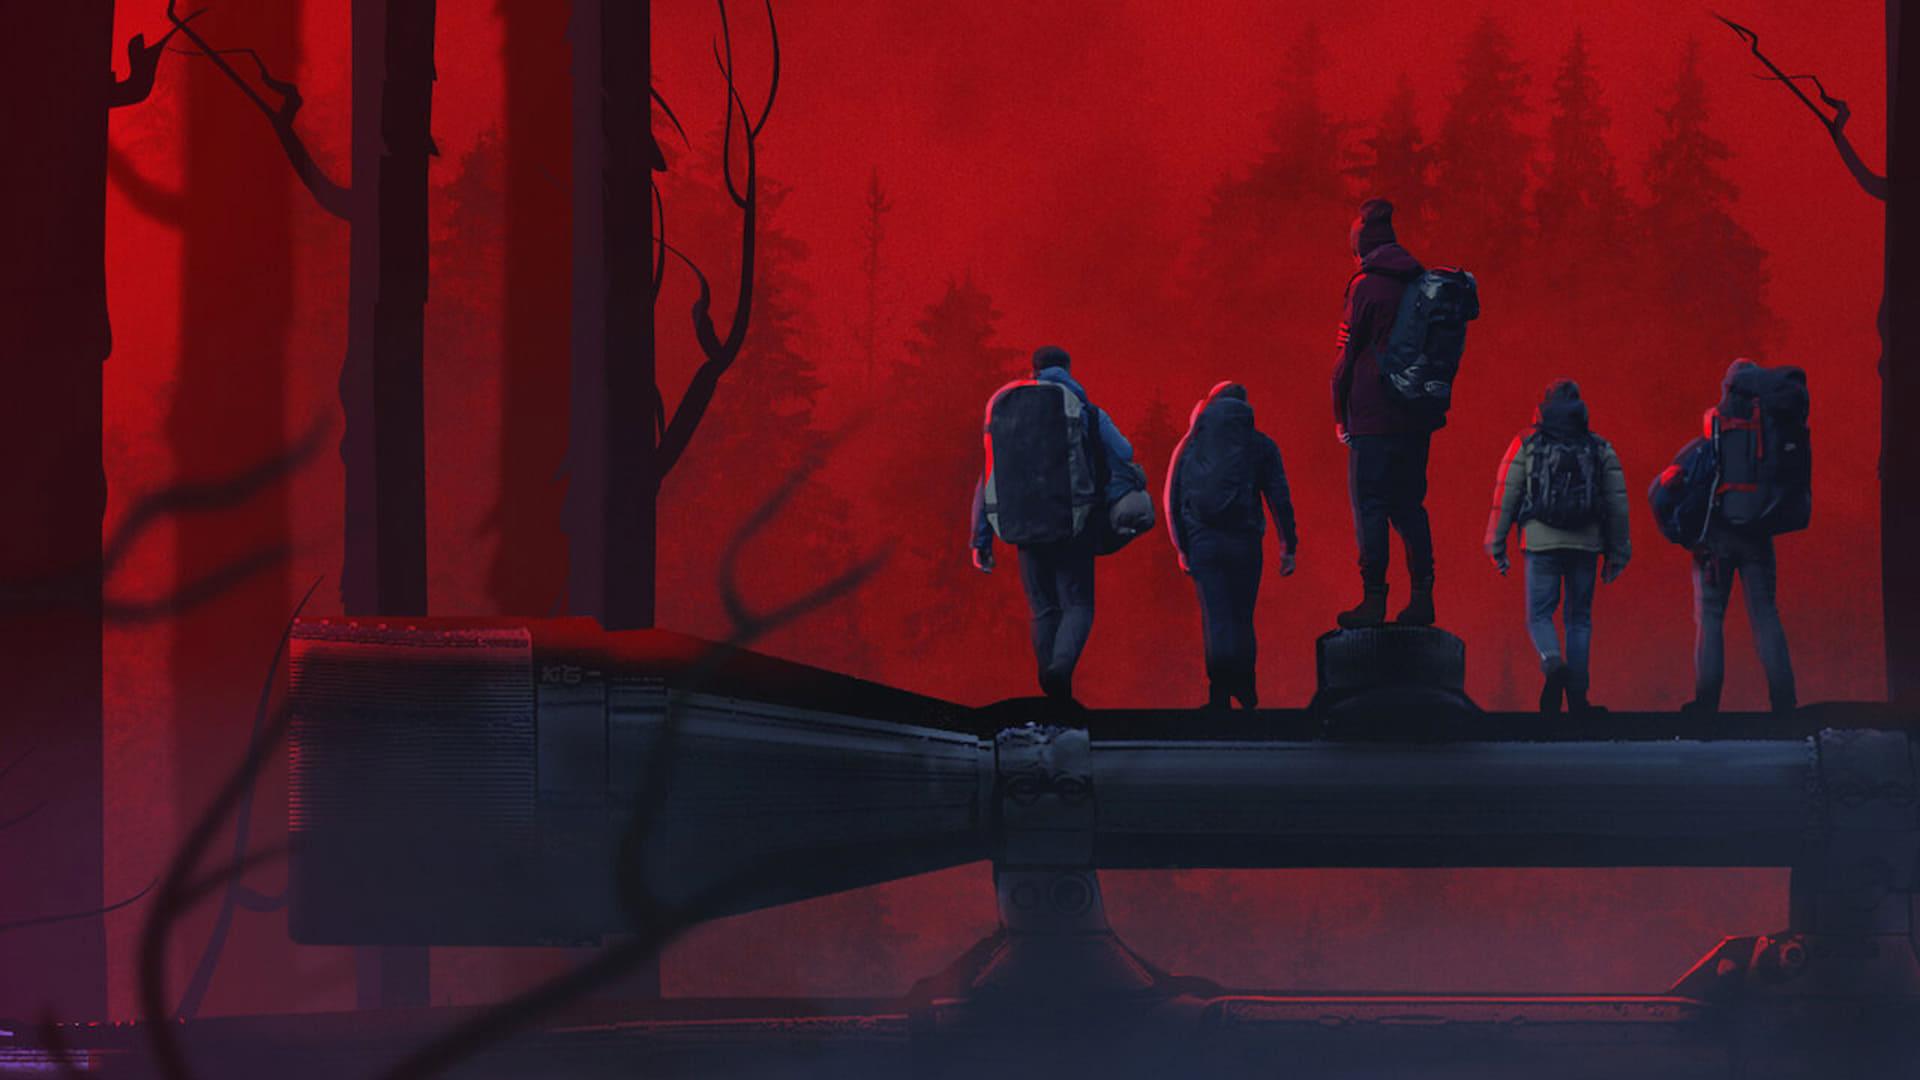 Prey (2021) movie download